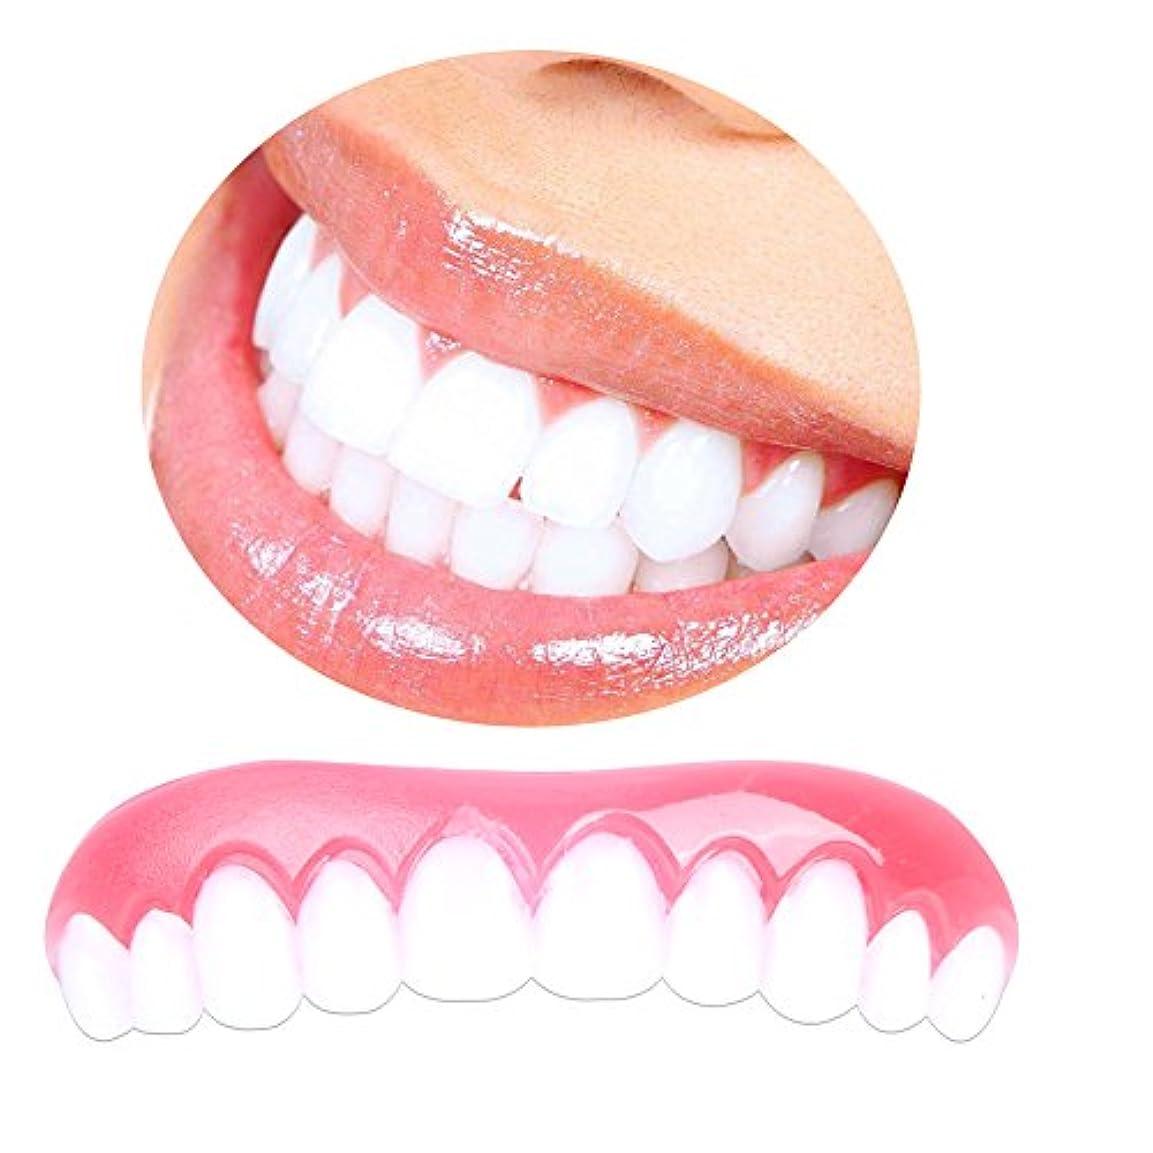 影響するハッチマリン2個パーフェクトスマイルベニヤダブの歯の修正のための在庫の悪い歯のためのパーフェクトスマイルベニヤ歯のホワイトニング